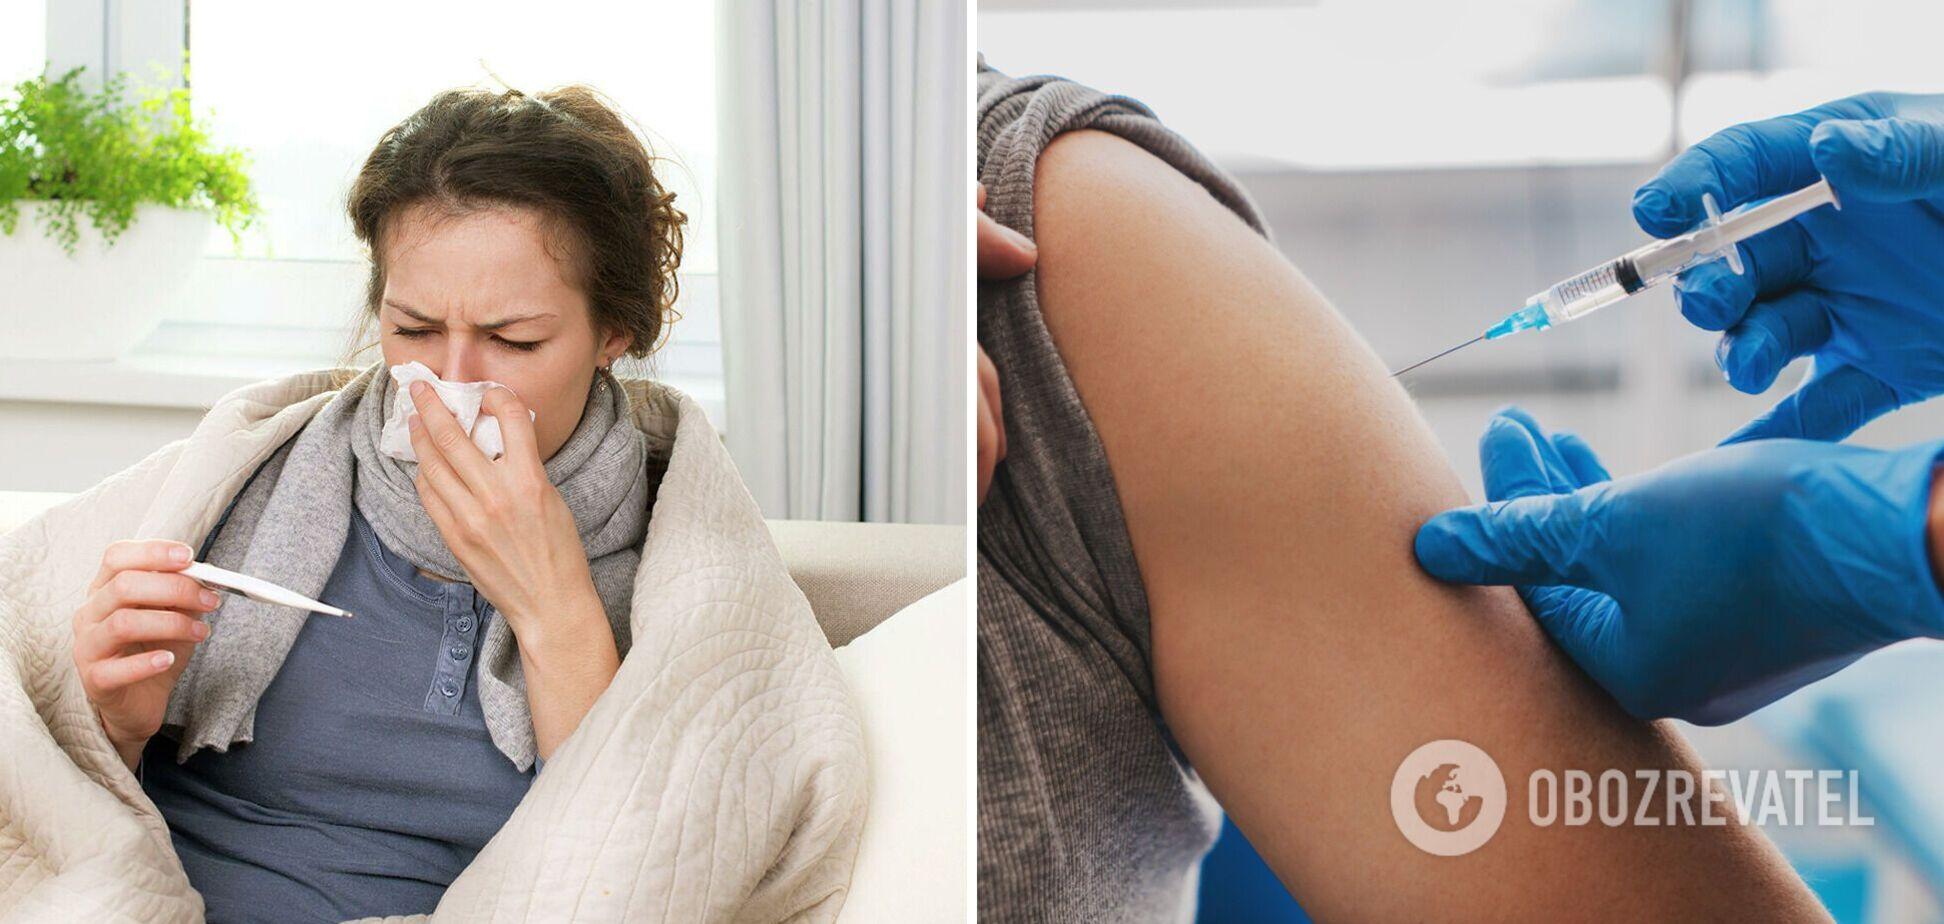 Пик заболеваемости гриппом может произойти уже в октябре-ноябре